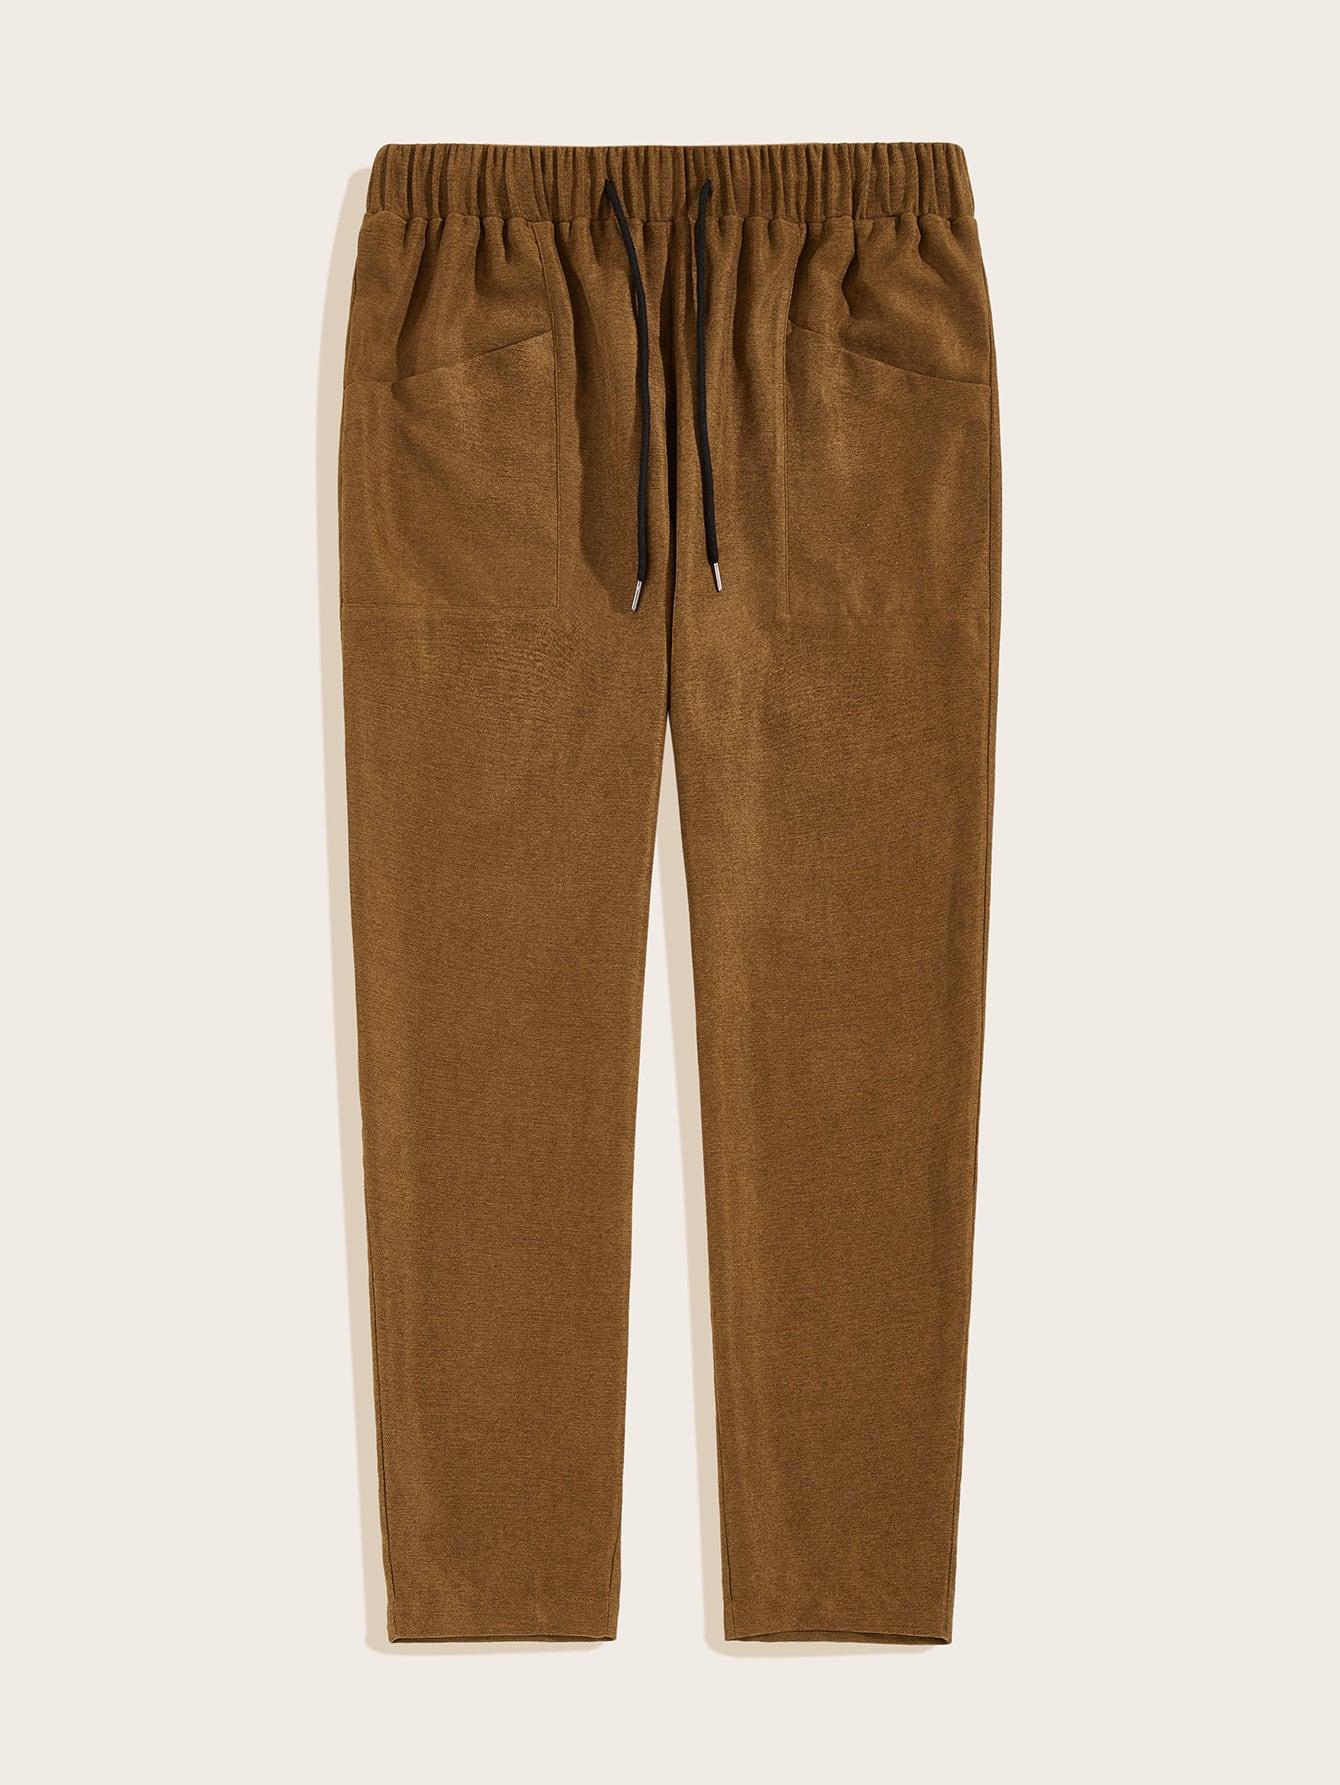 Фото - Мужские вельветовые брюки на кулиске от SheIn коричневого цвета